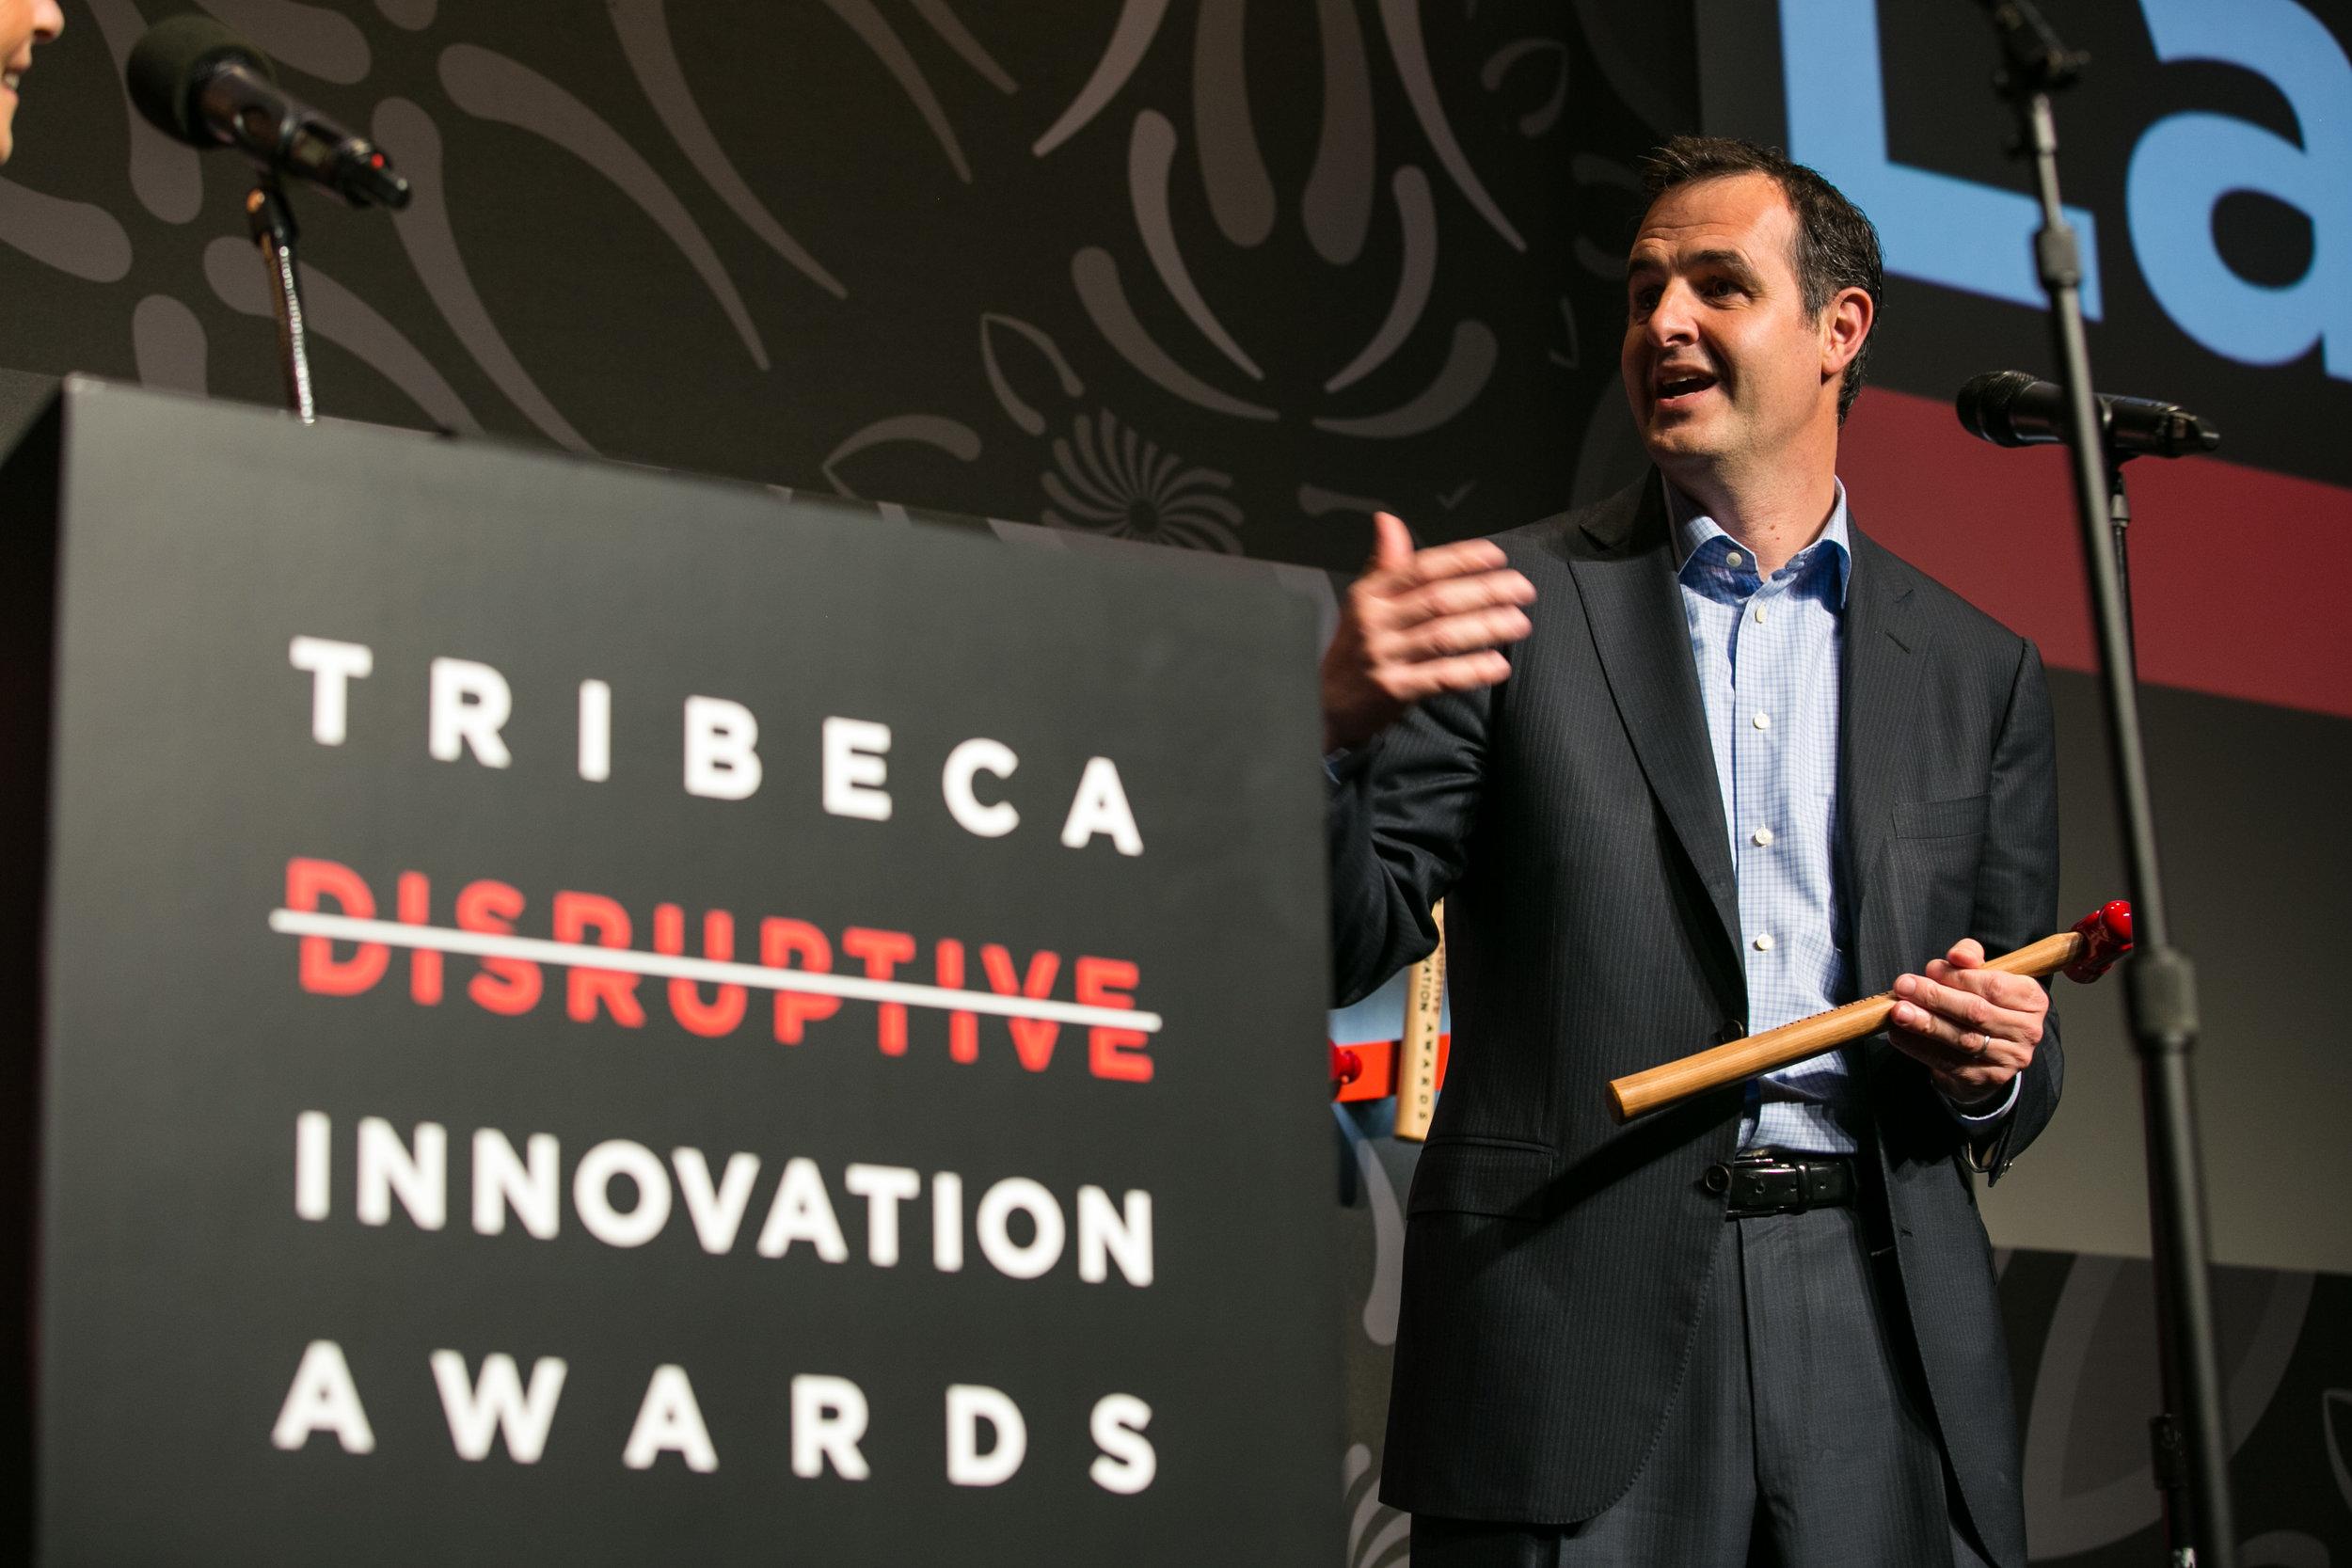 20160422-Tribeca Disruptive Innovation Awards-0634.jpg